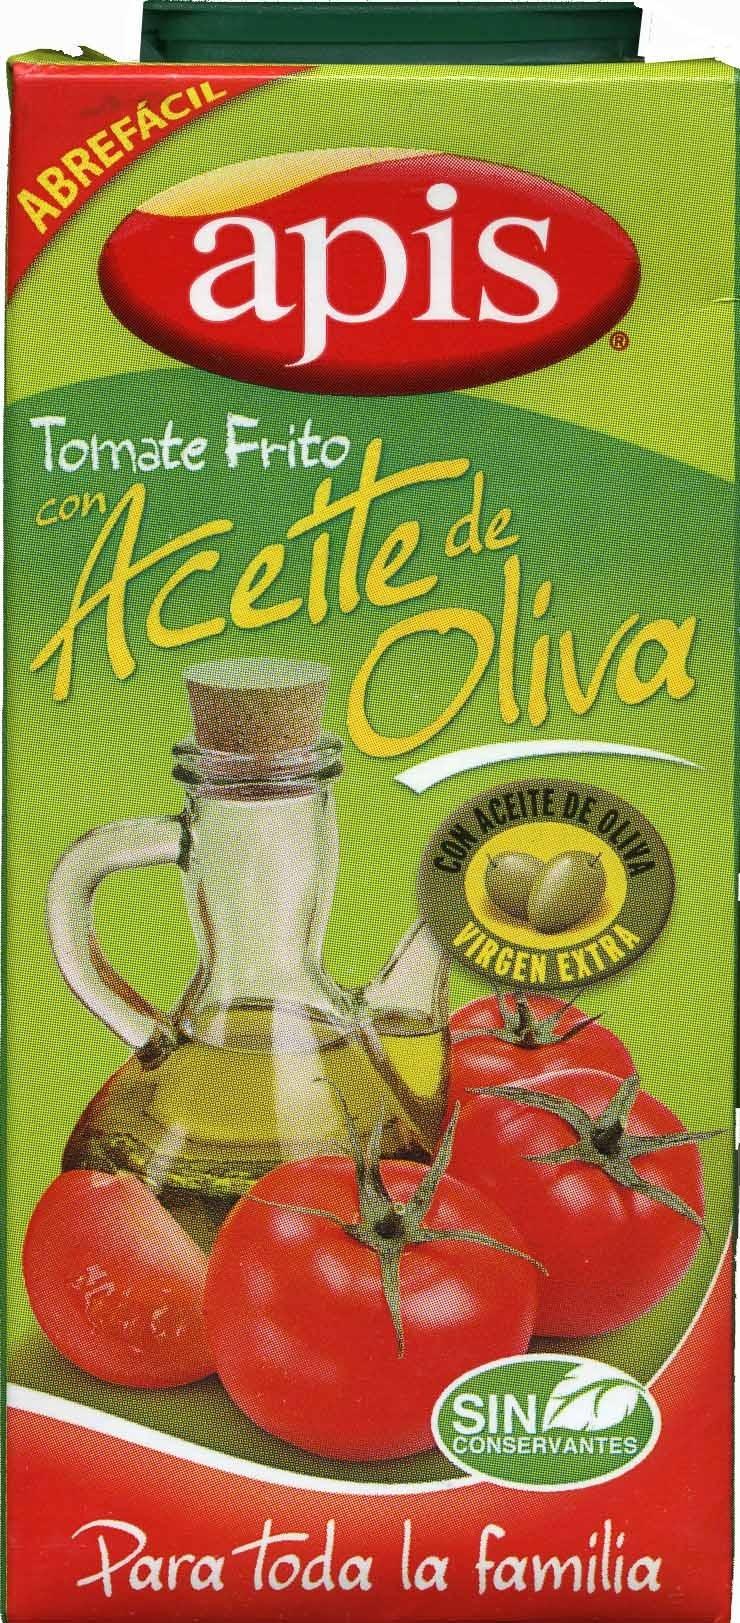 Tomate frito con aceite de oliva - Product - es